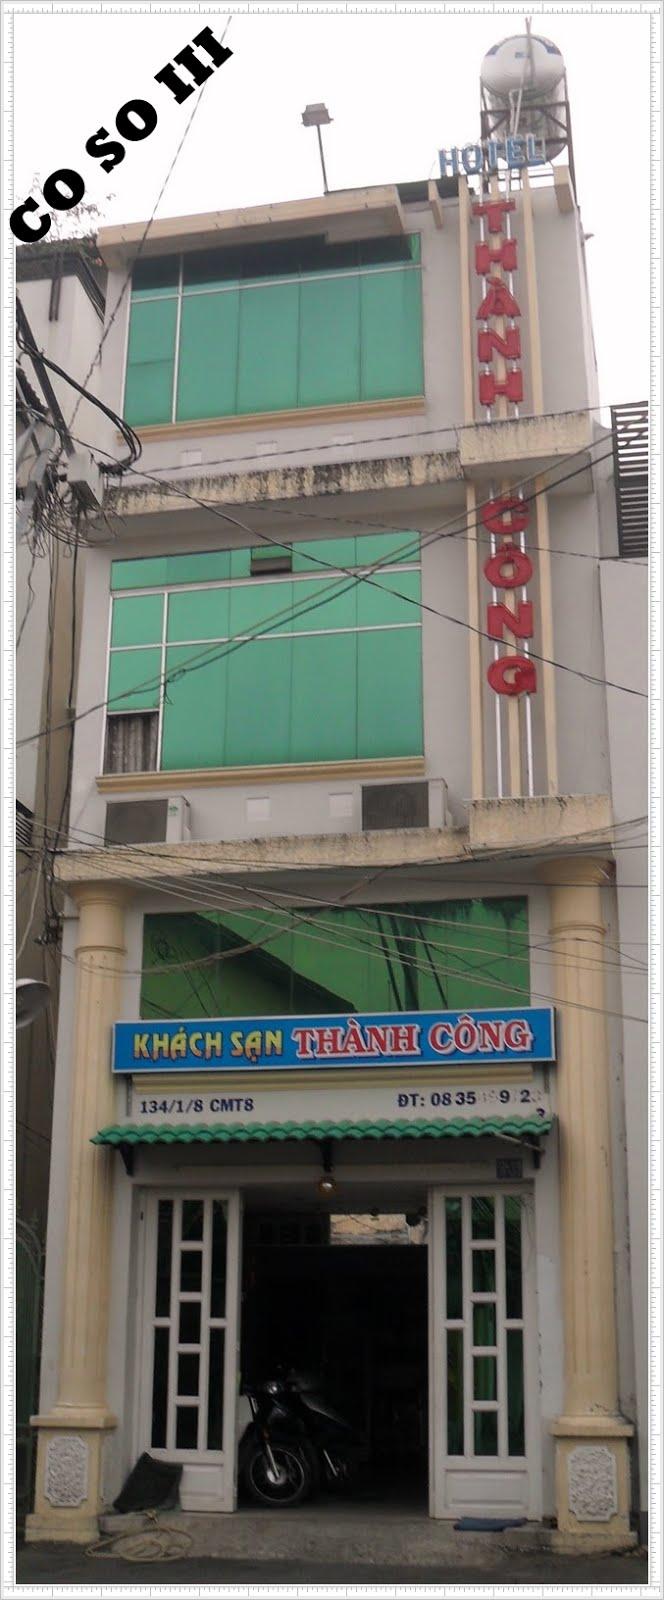 CƠ SỞ III:THÀNH CÔNG Hotel